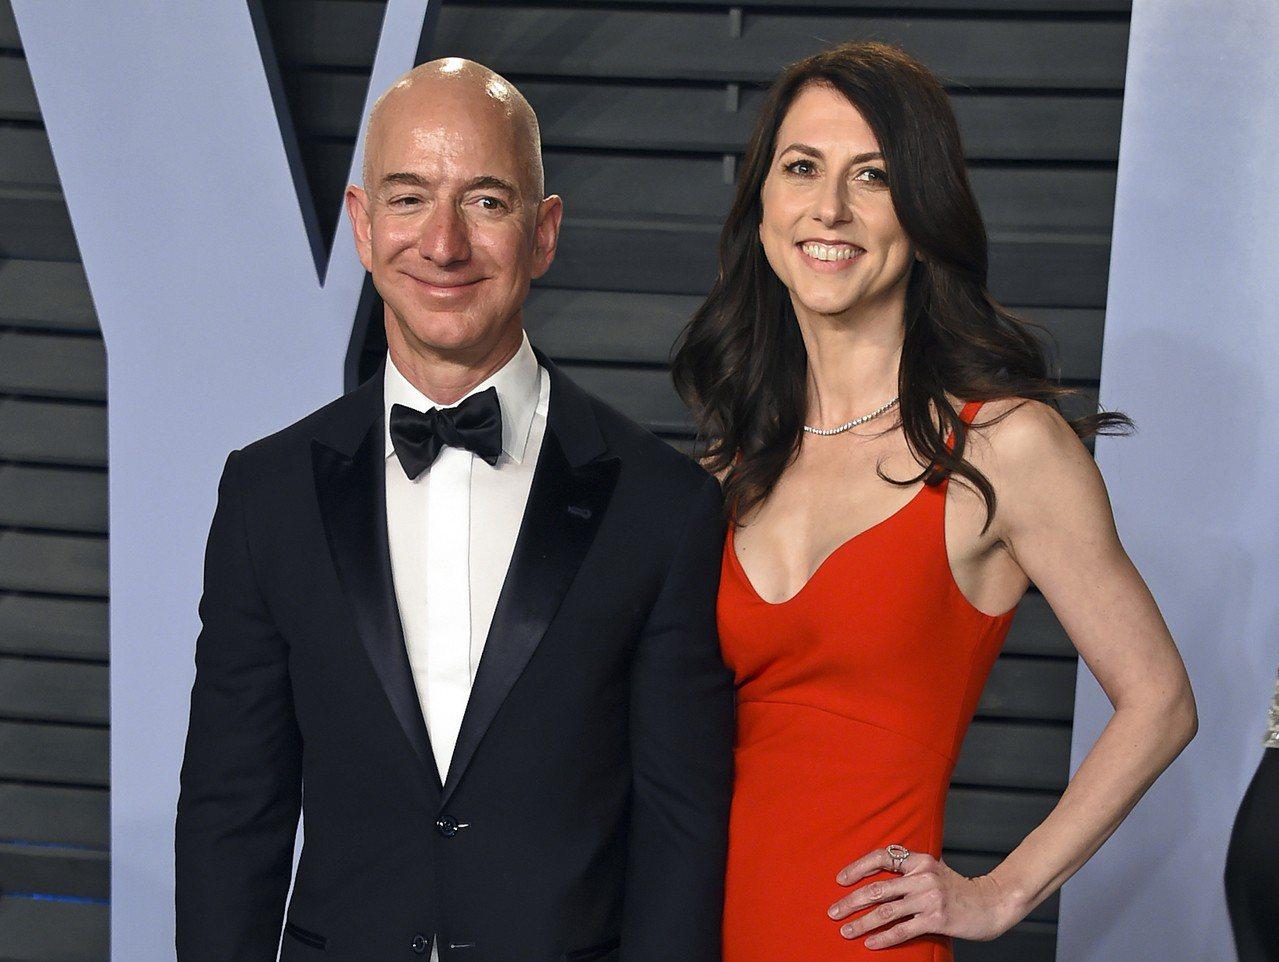 貝佐斯與太太麥肯琪(MacKenzie Bezos)。美聯社